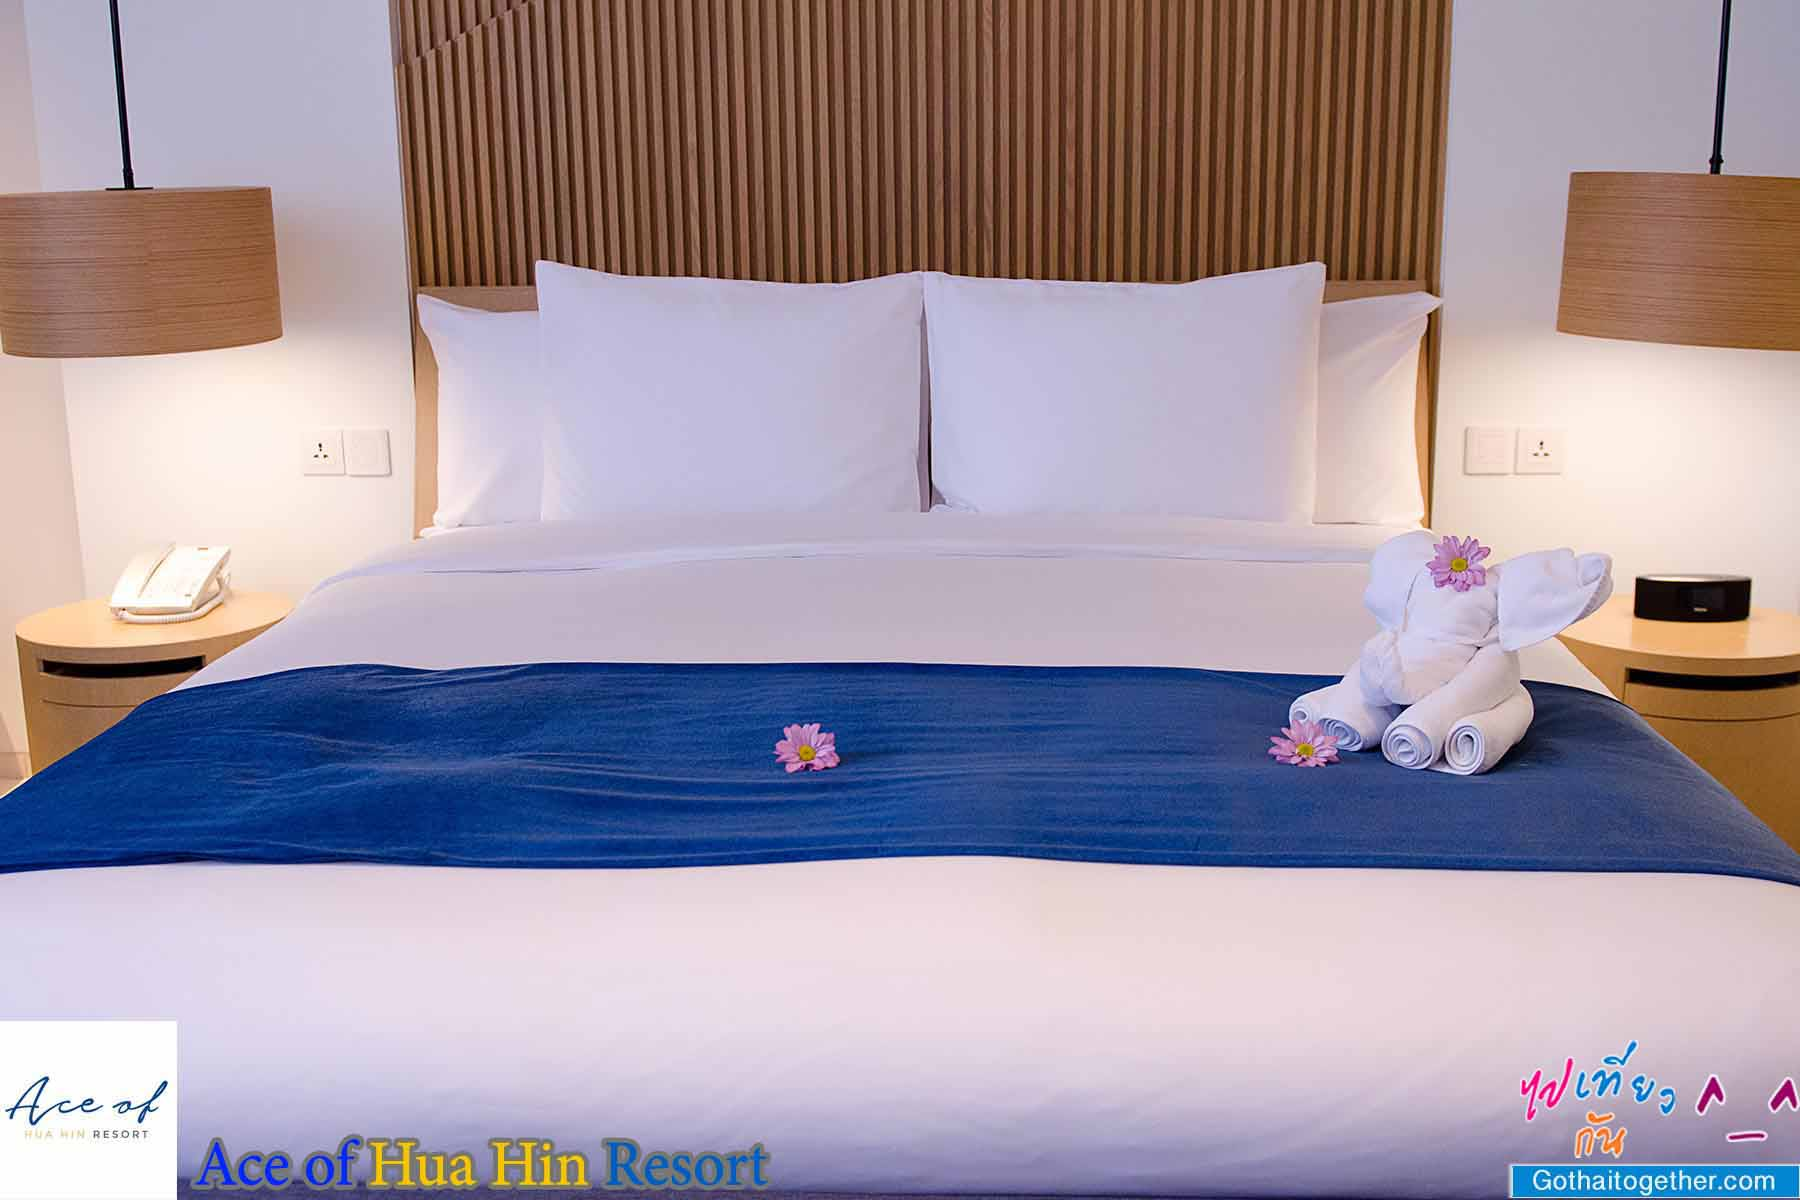 5 จุดเช็คอิน ทะเลใกล้กรุง พักผ่อนมีระดับ ชมวิวชิลไปกับ Ace of Hua Hin Resort 224